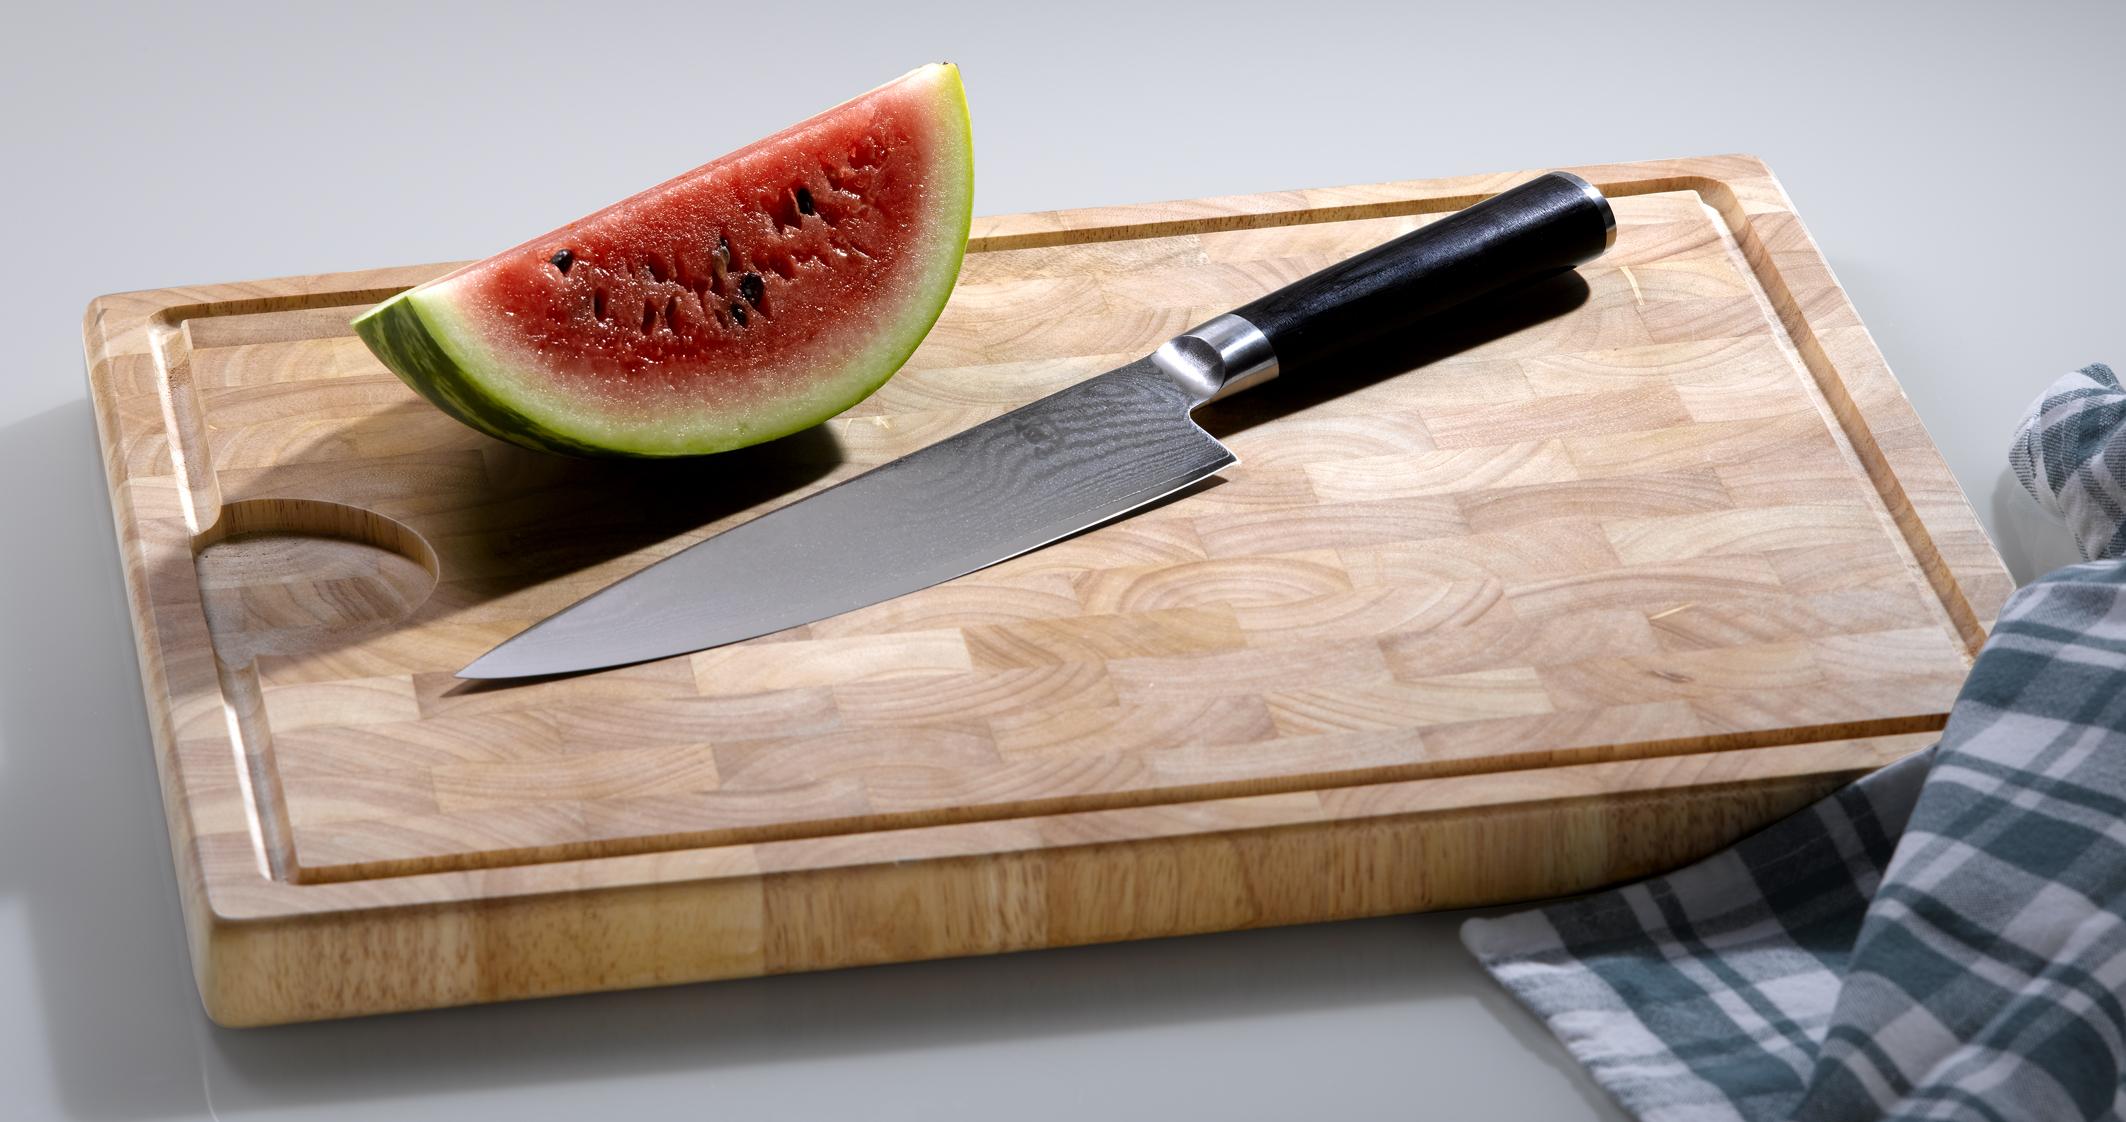 Schneidbretter aus holz und kunststoff - Kochen essen wohnen ...